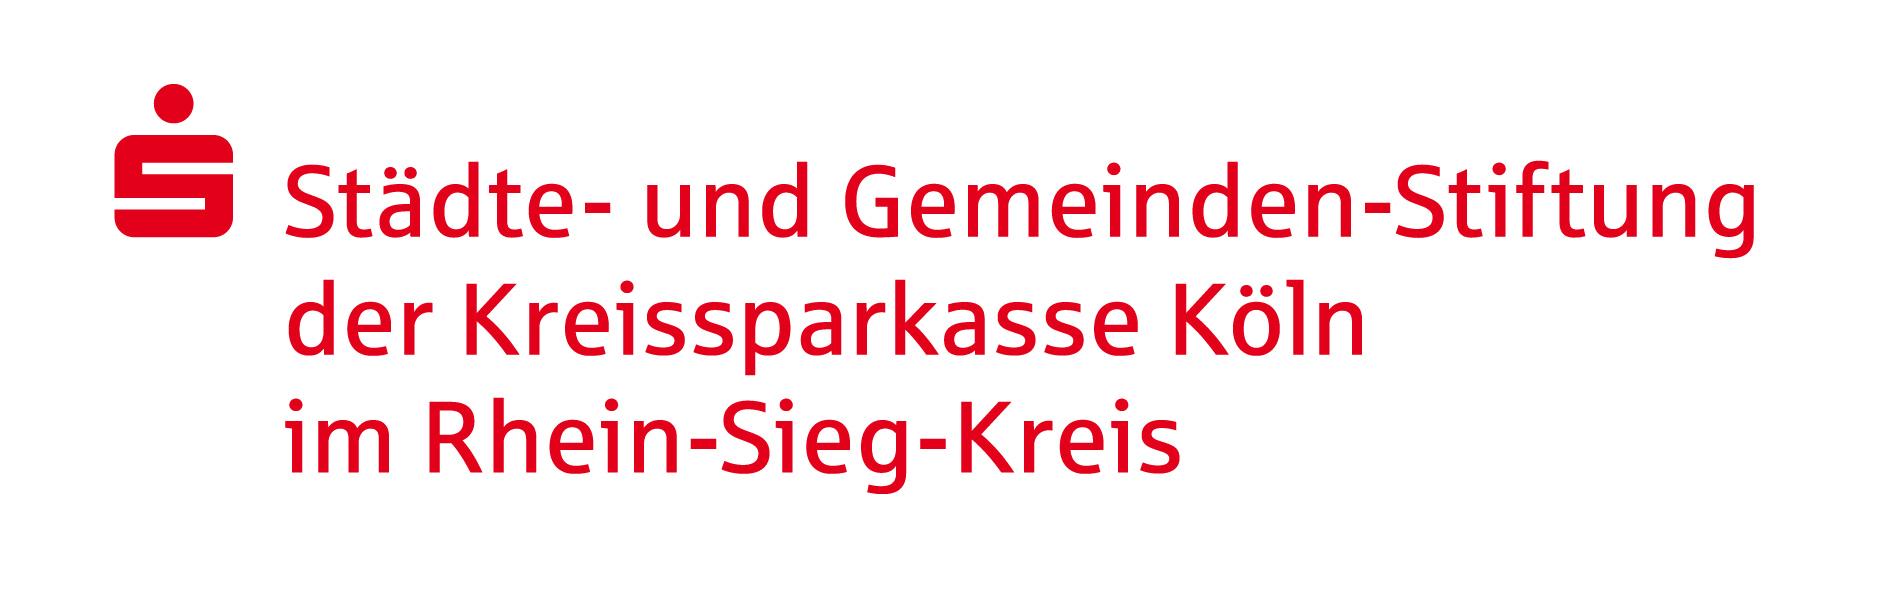 Bildergebnis für Städte- und Gemeindestiftung der Kreissparkasse Köln Logo